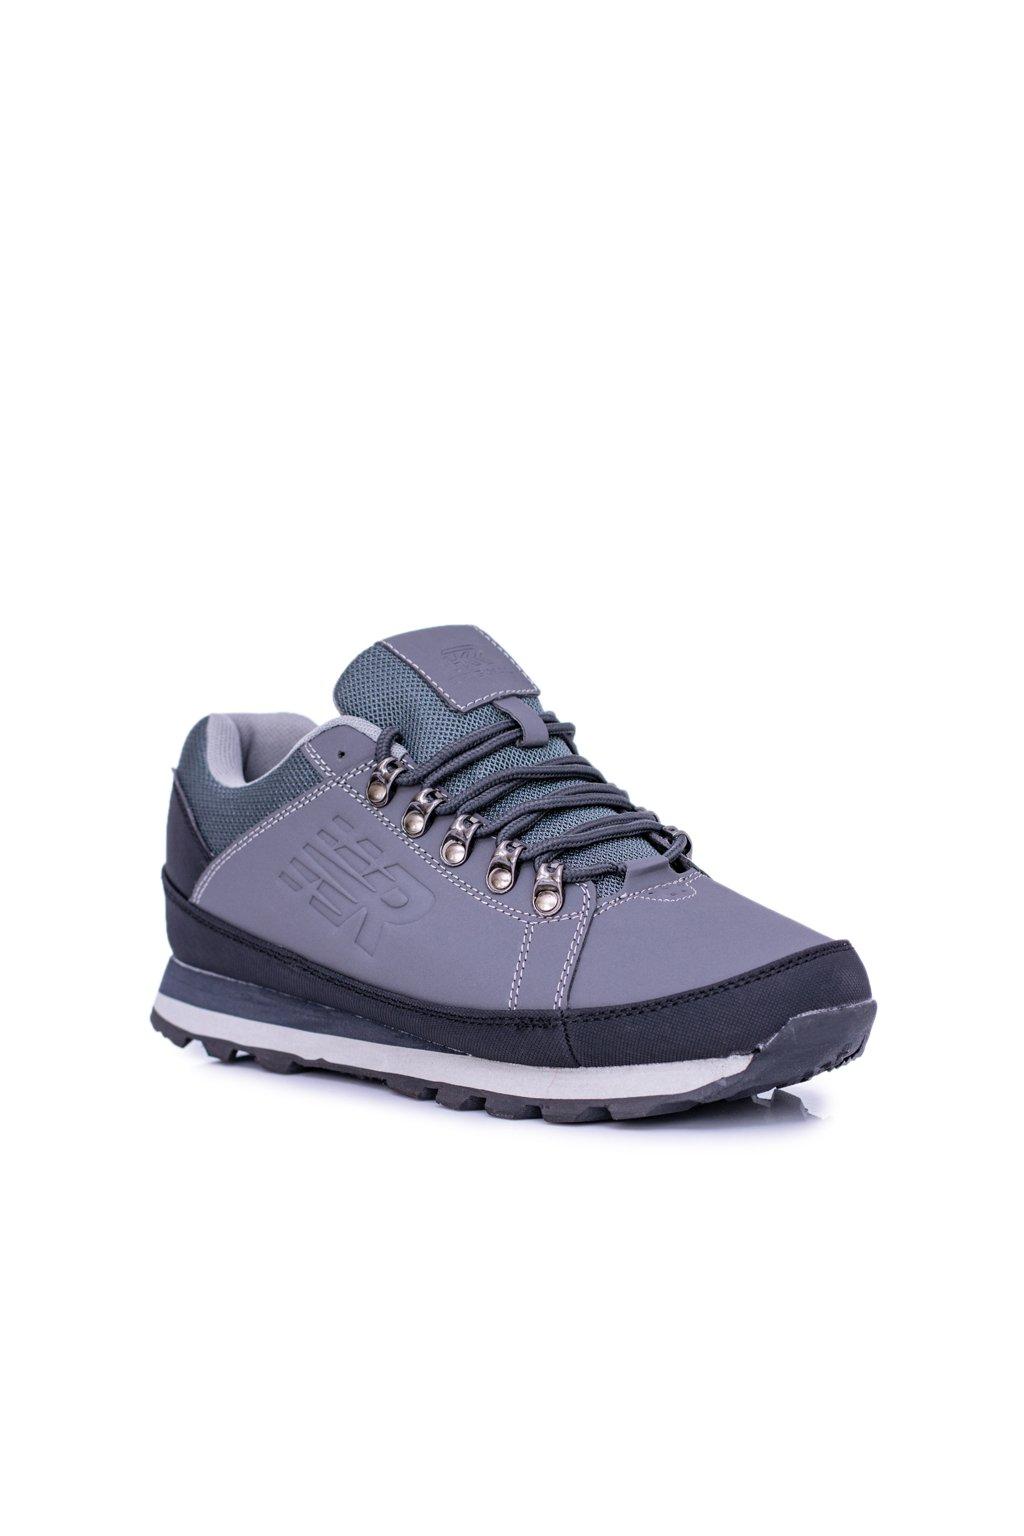 Pánske trekingové topánky farba sivá kód obuvi 9ACH-17000 GREY/BLK